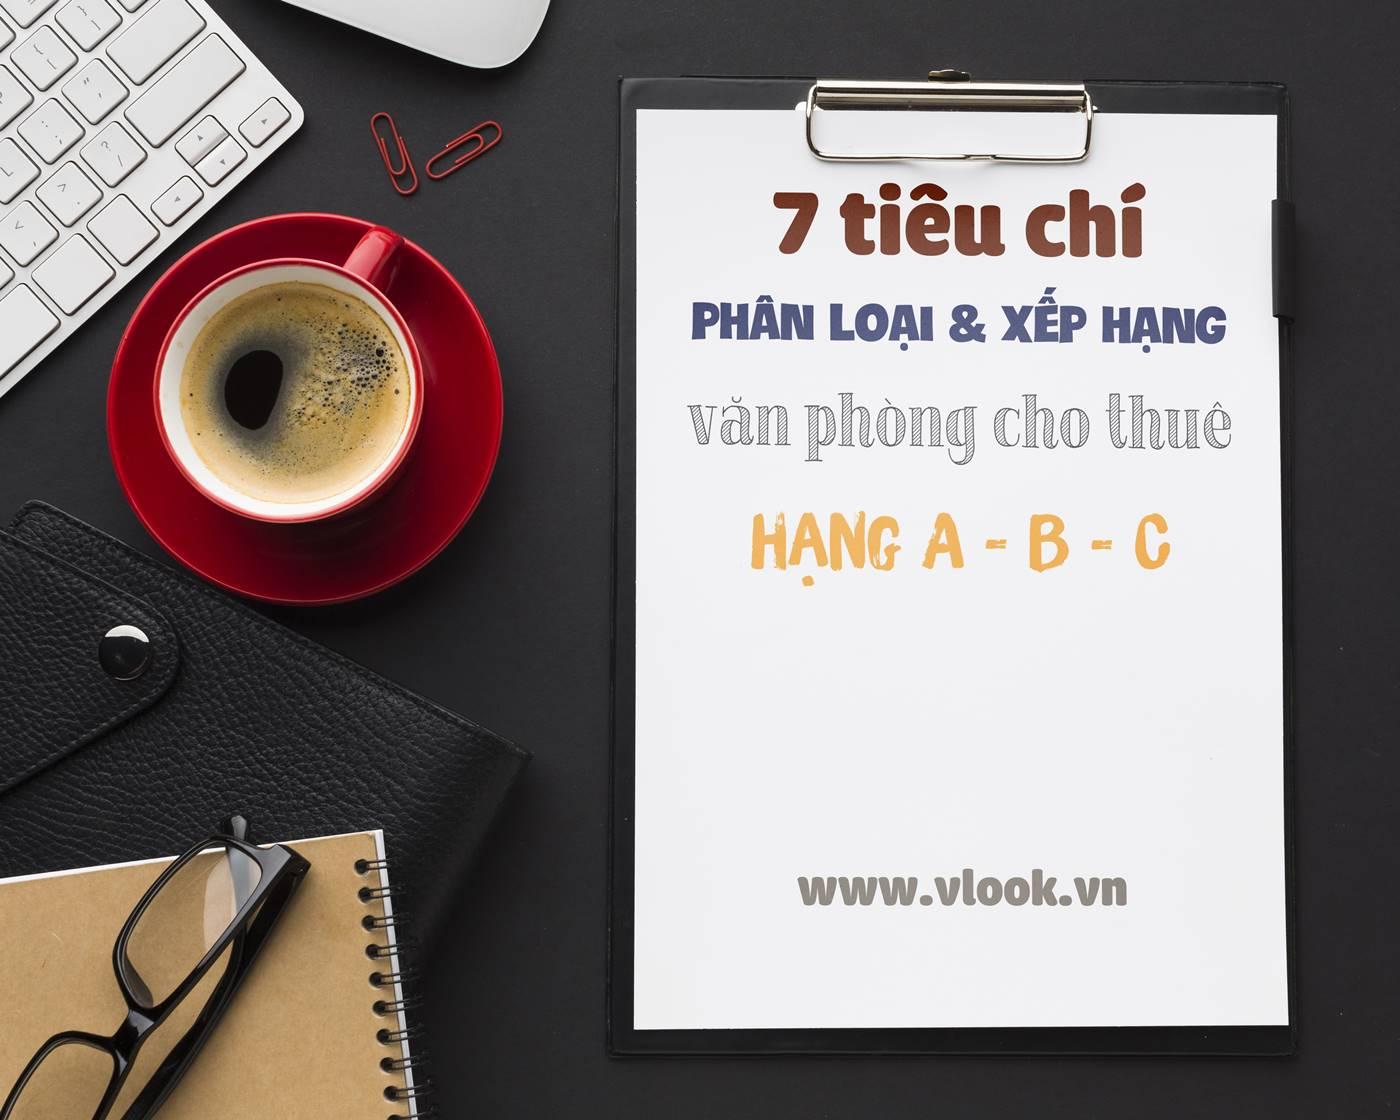 7 tiêu chí đánh giá, phân loại và xếp hạng cao ốc văn phòng cho thuê hạng A, B, C tại Việt Nam - vlook.vn